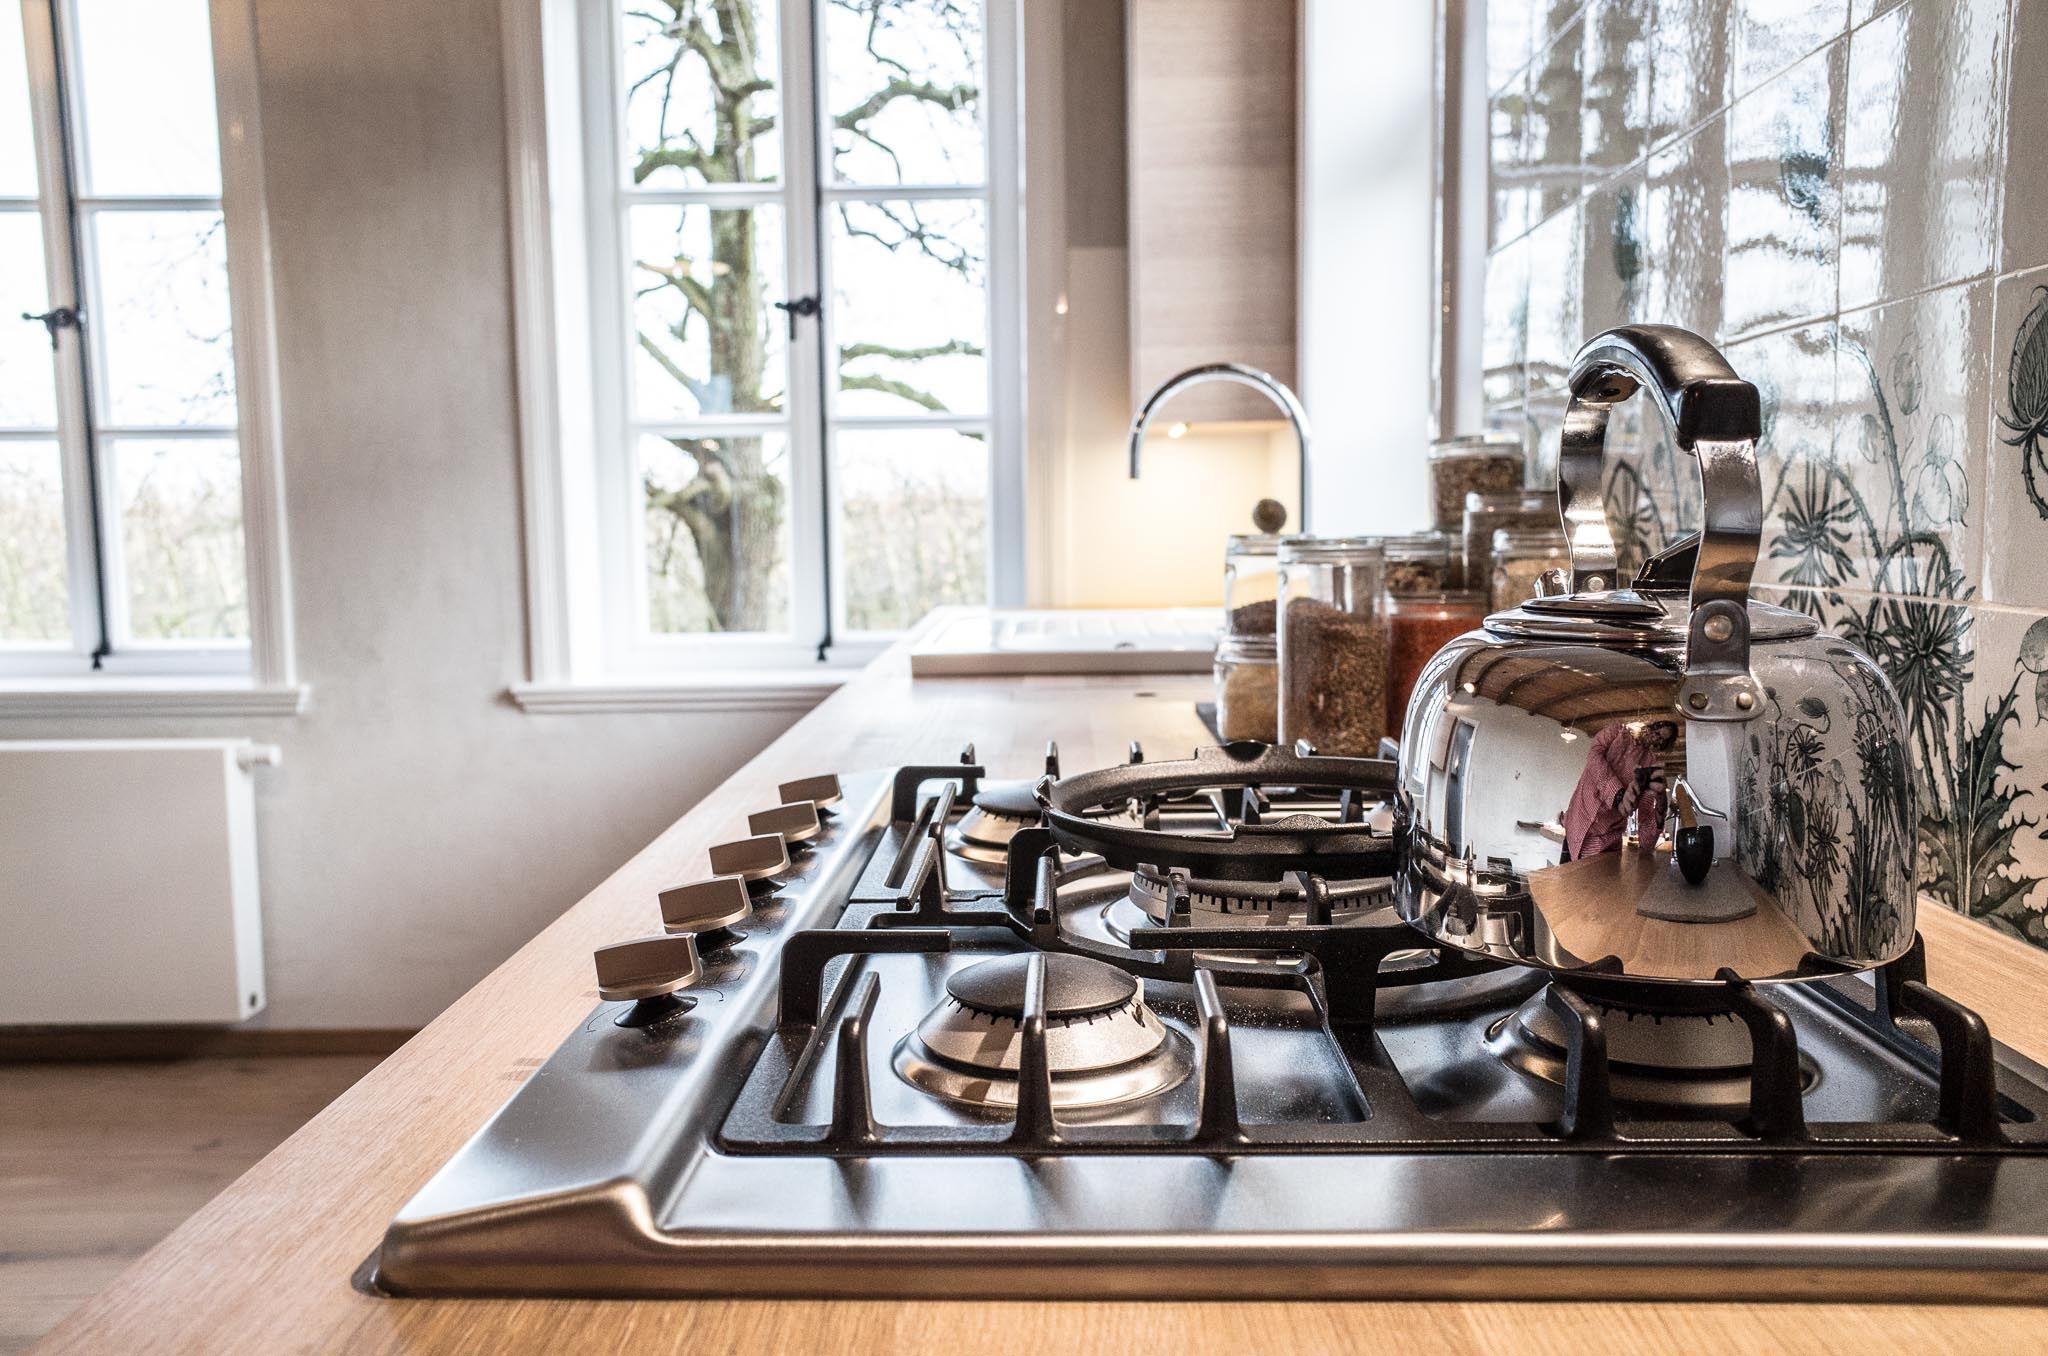 Die Küche liegt im Erdgeschoss und bietet viel Platz und Freiheit ...